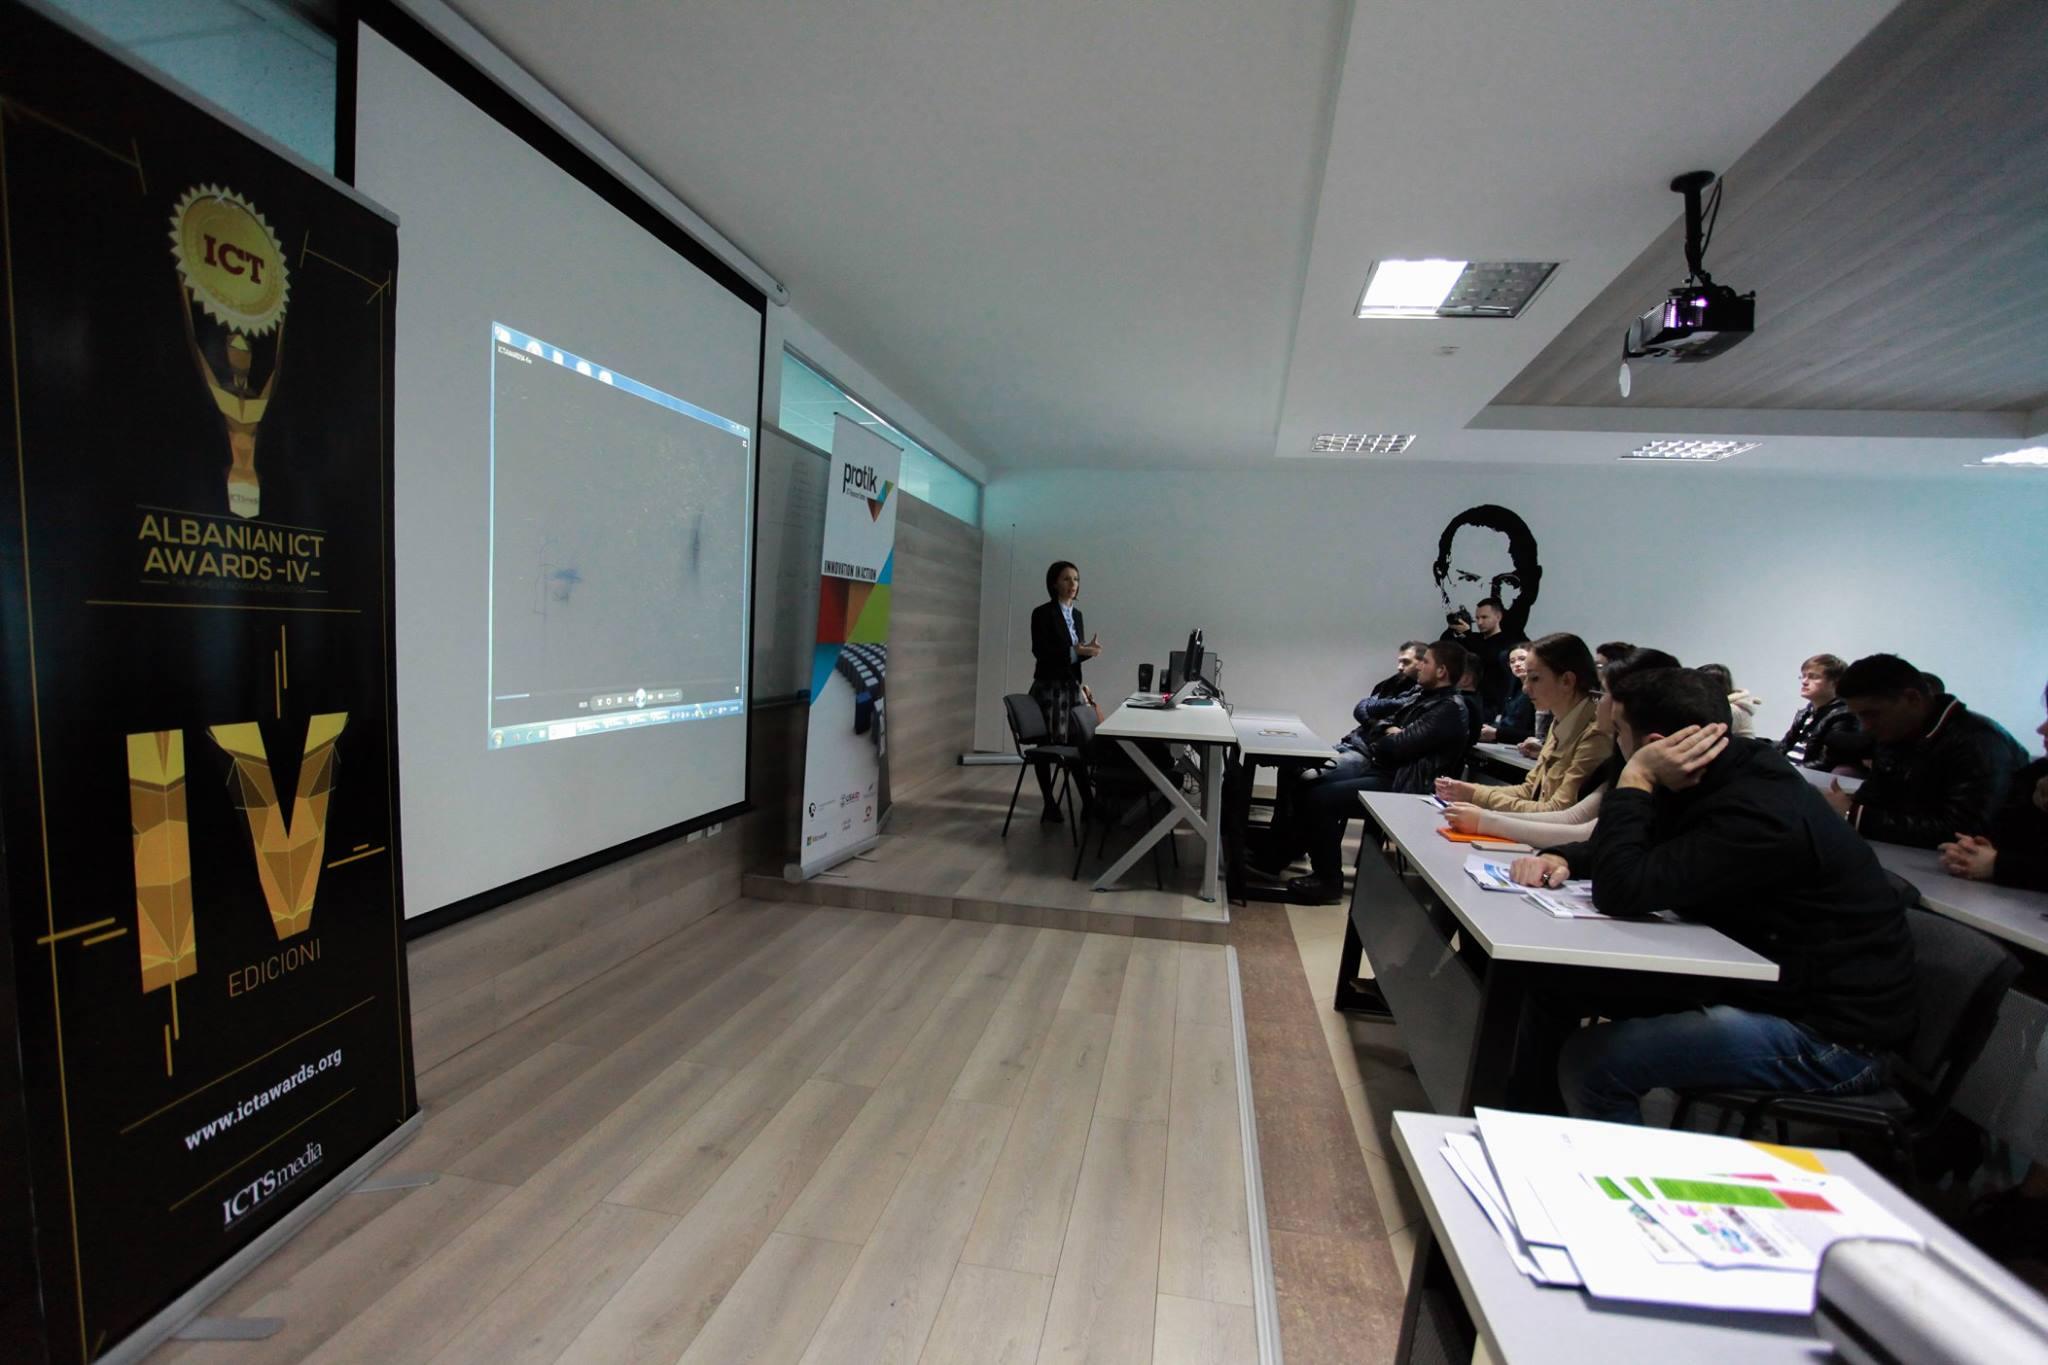 Albanian ICT Awards vijoi me tre takime maratonë në Tiranë dhe Prishtinë në datat 10-11 Mars